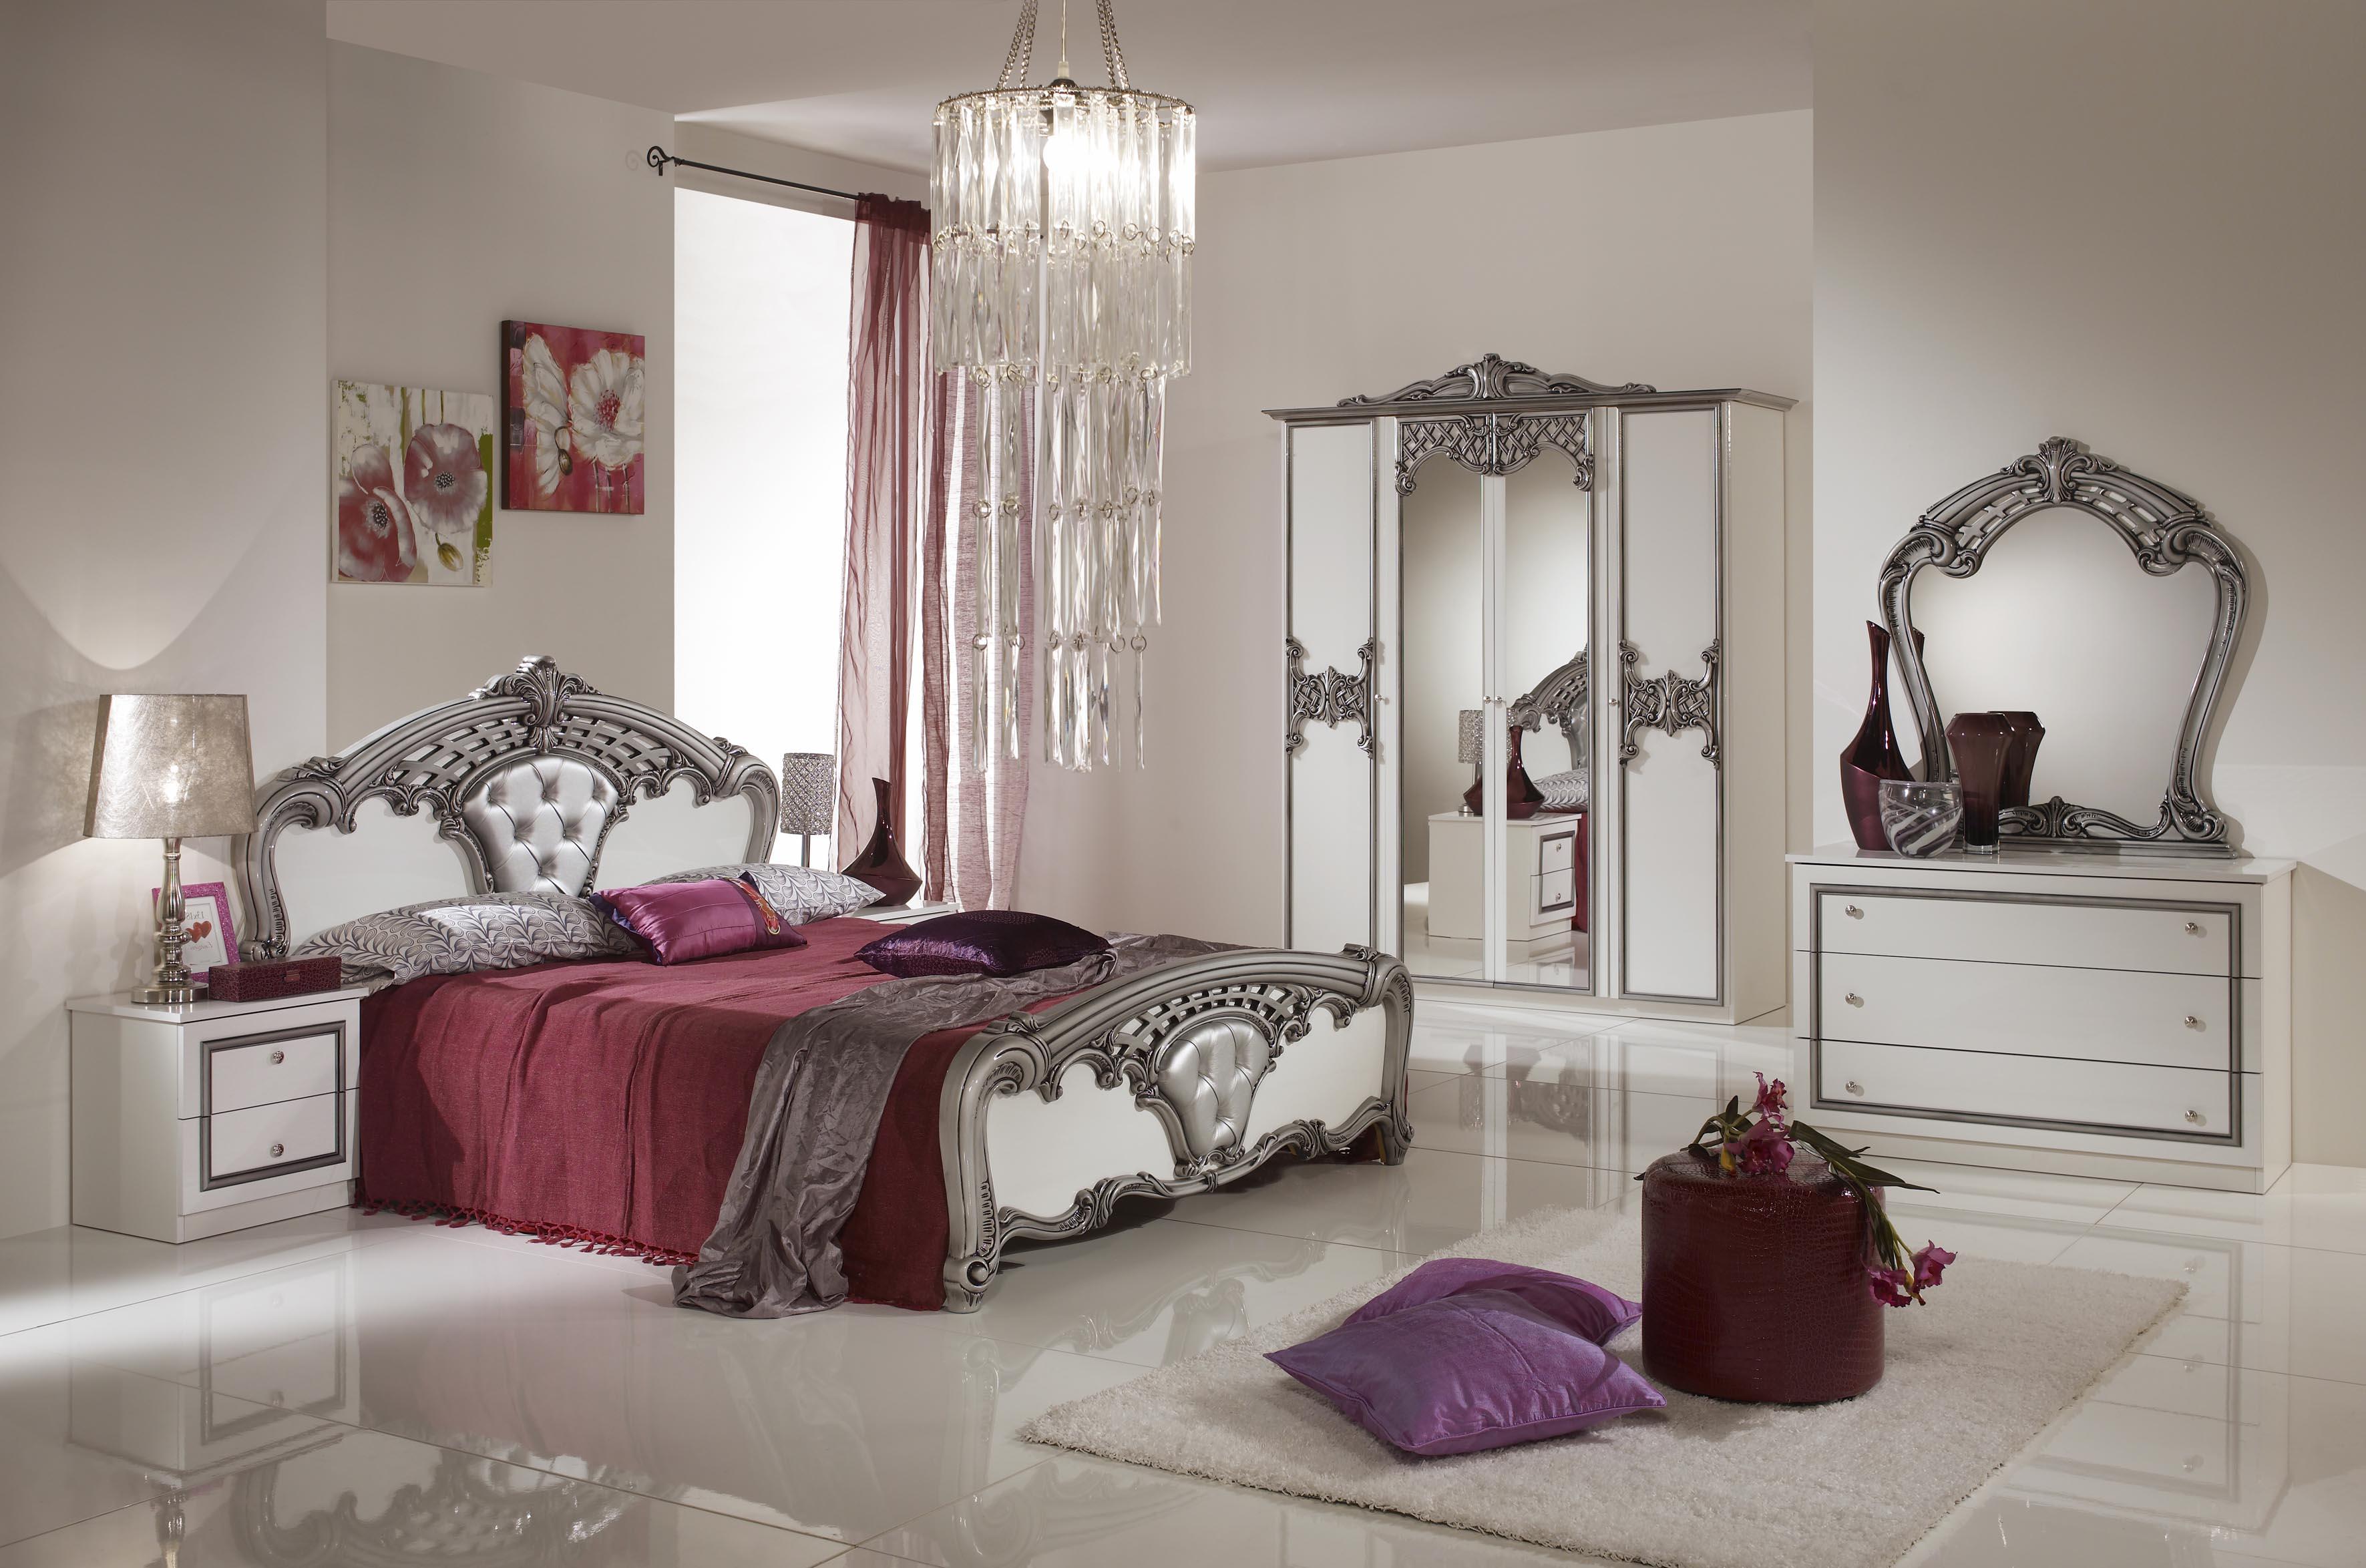 bett elisa 180x200cm weiss silber designer stilmöbel aus italien, Schlafzimmer entwurf